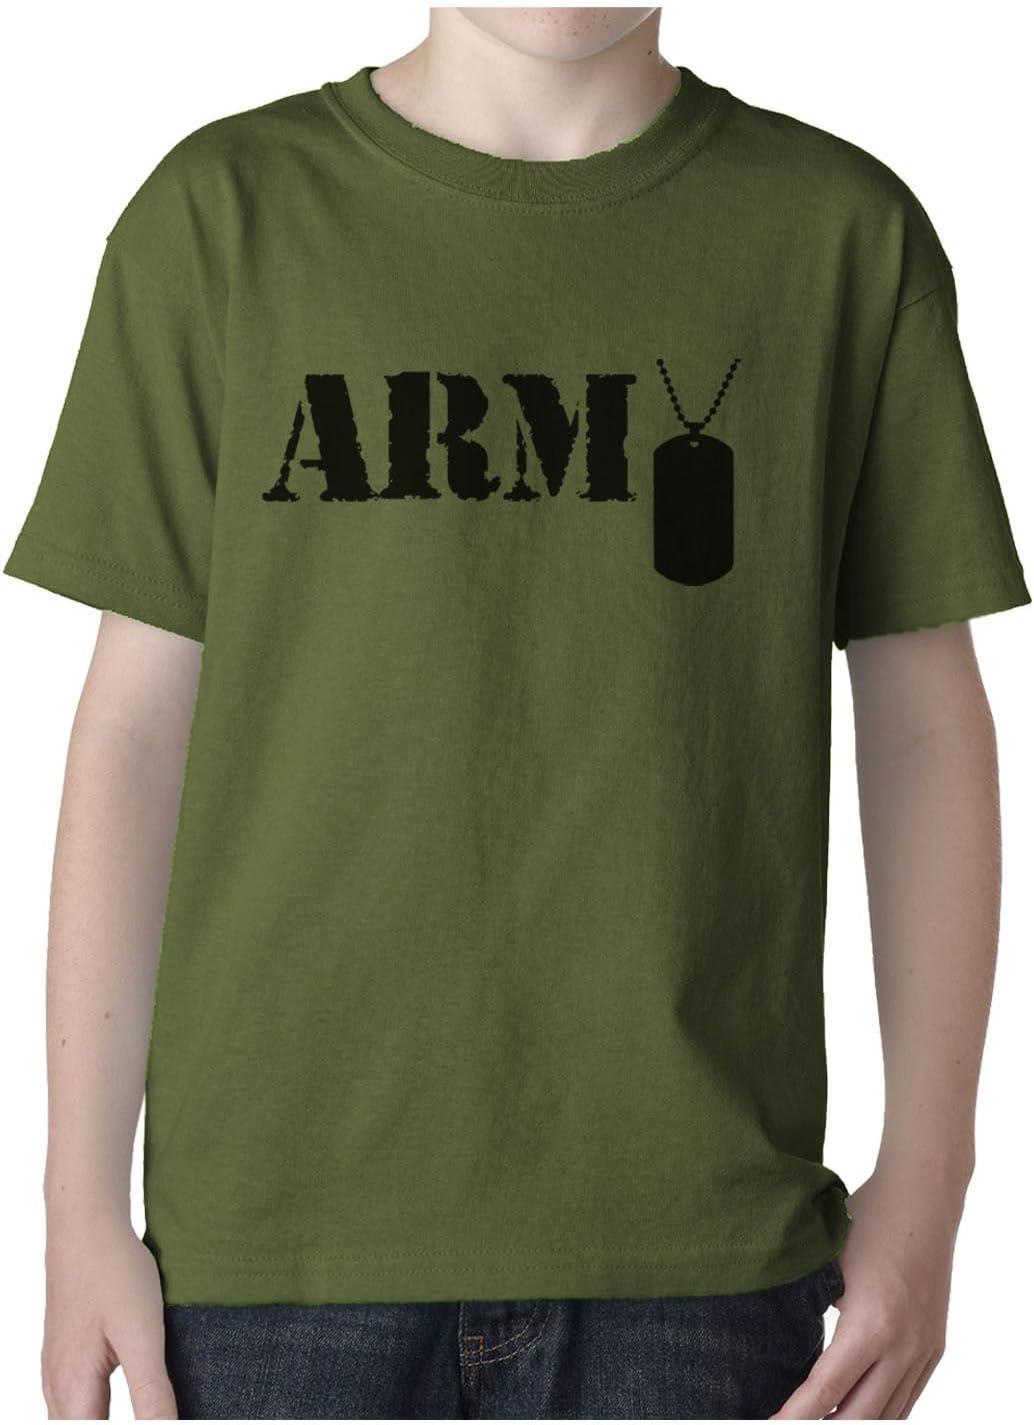 CL Distribution Kids Verde Oliva Camiseta – ejército Estilo Militar Dog Tags Verde Verde Oliva Grande: Amazon.es: Jardín